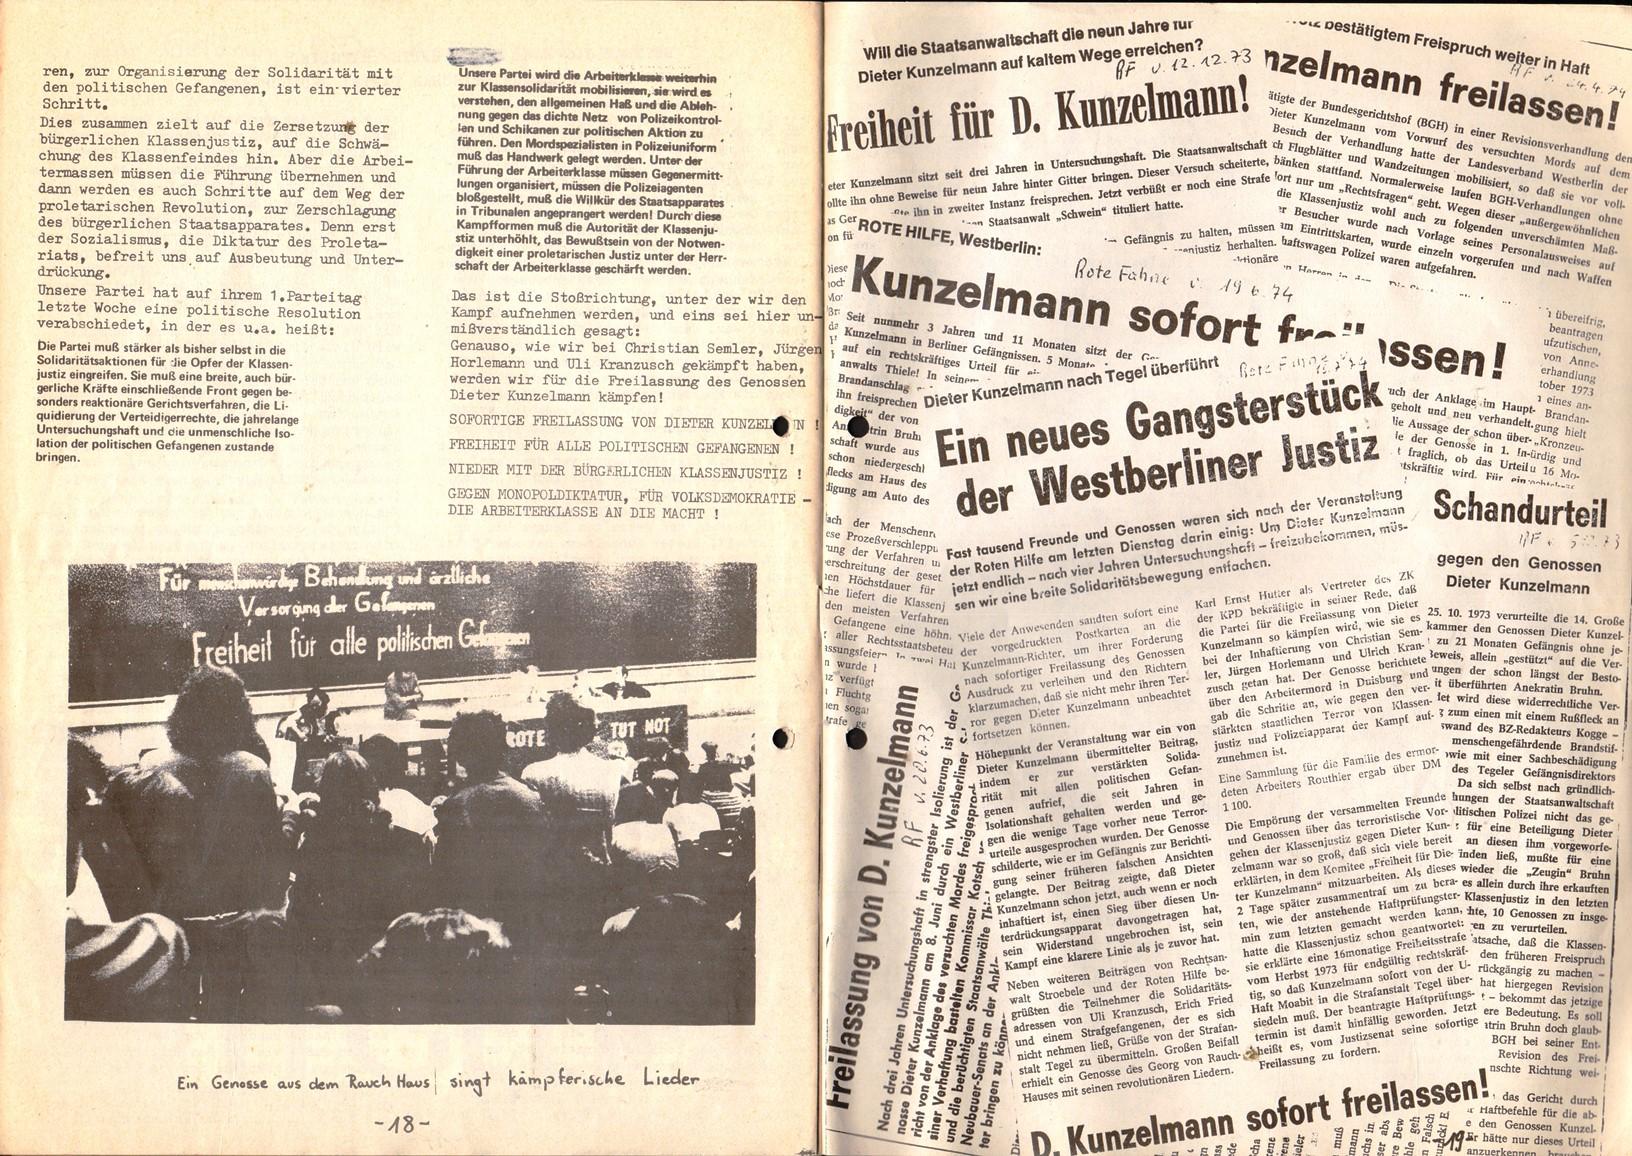 Berlin_RH_1974_Doku_Kunzelmann_1_10